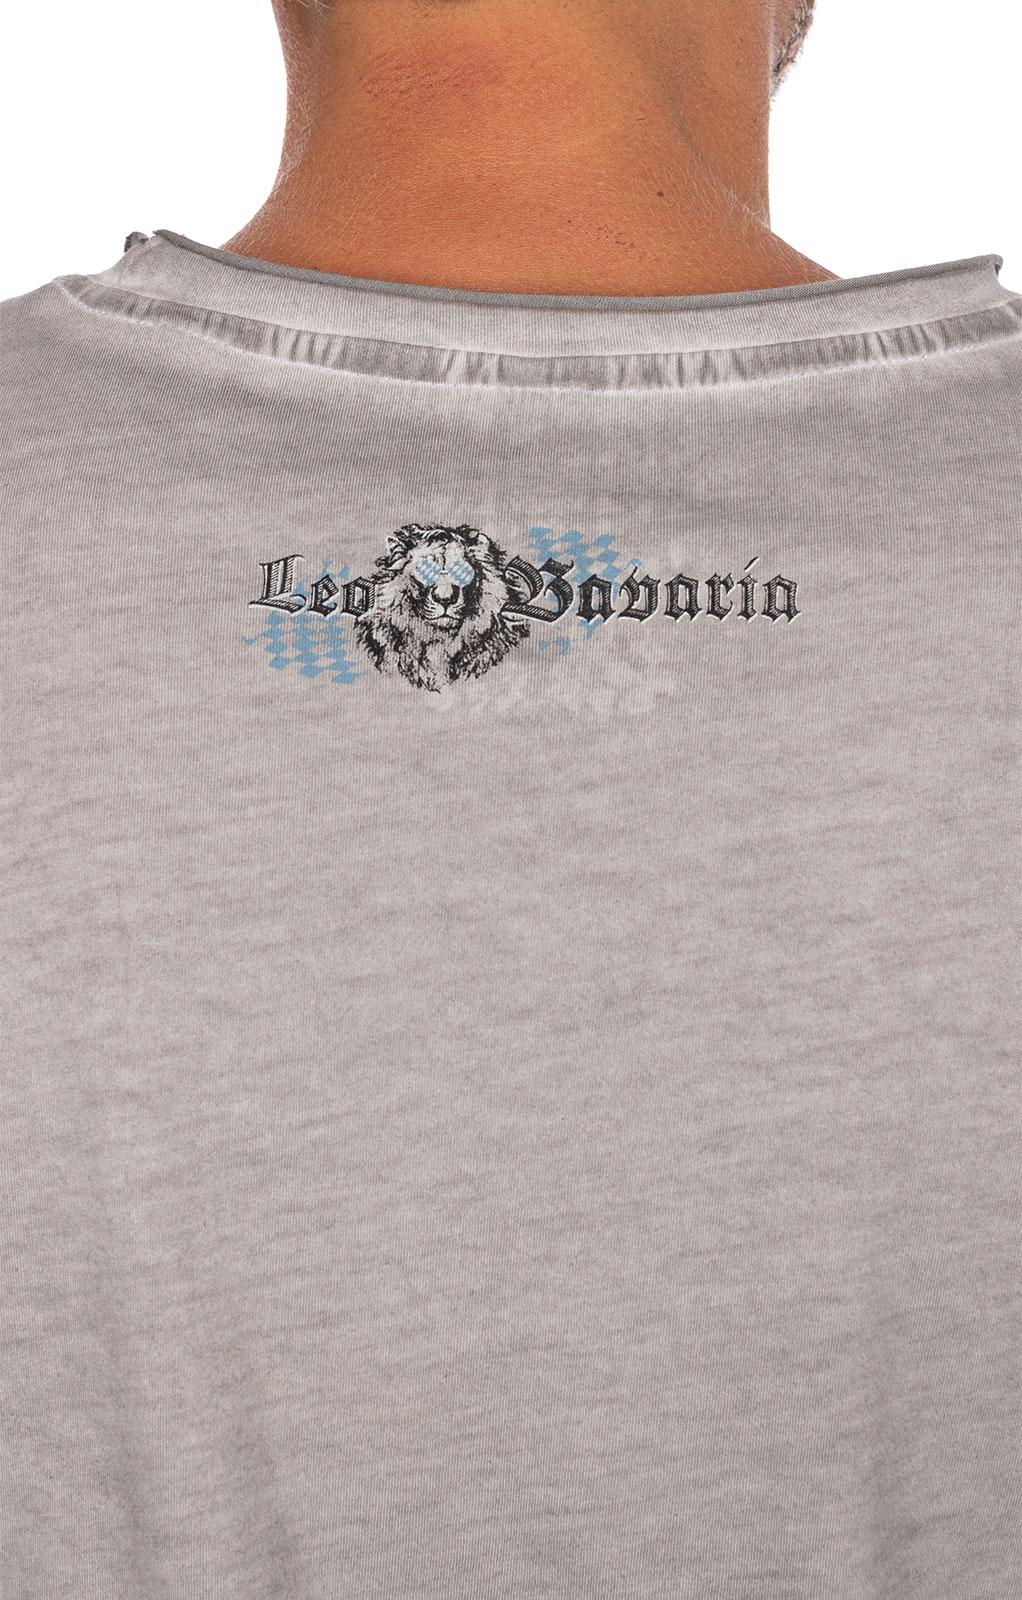 weitere Bilder von Maglietta Trachten G15 - LEO BAVARIA grigio